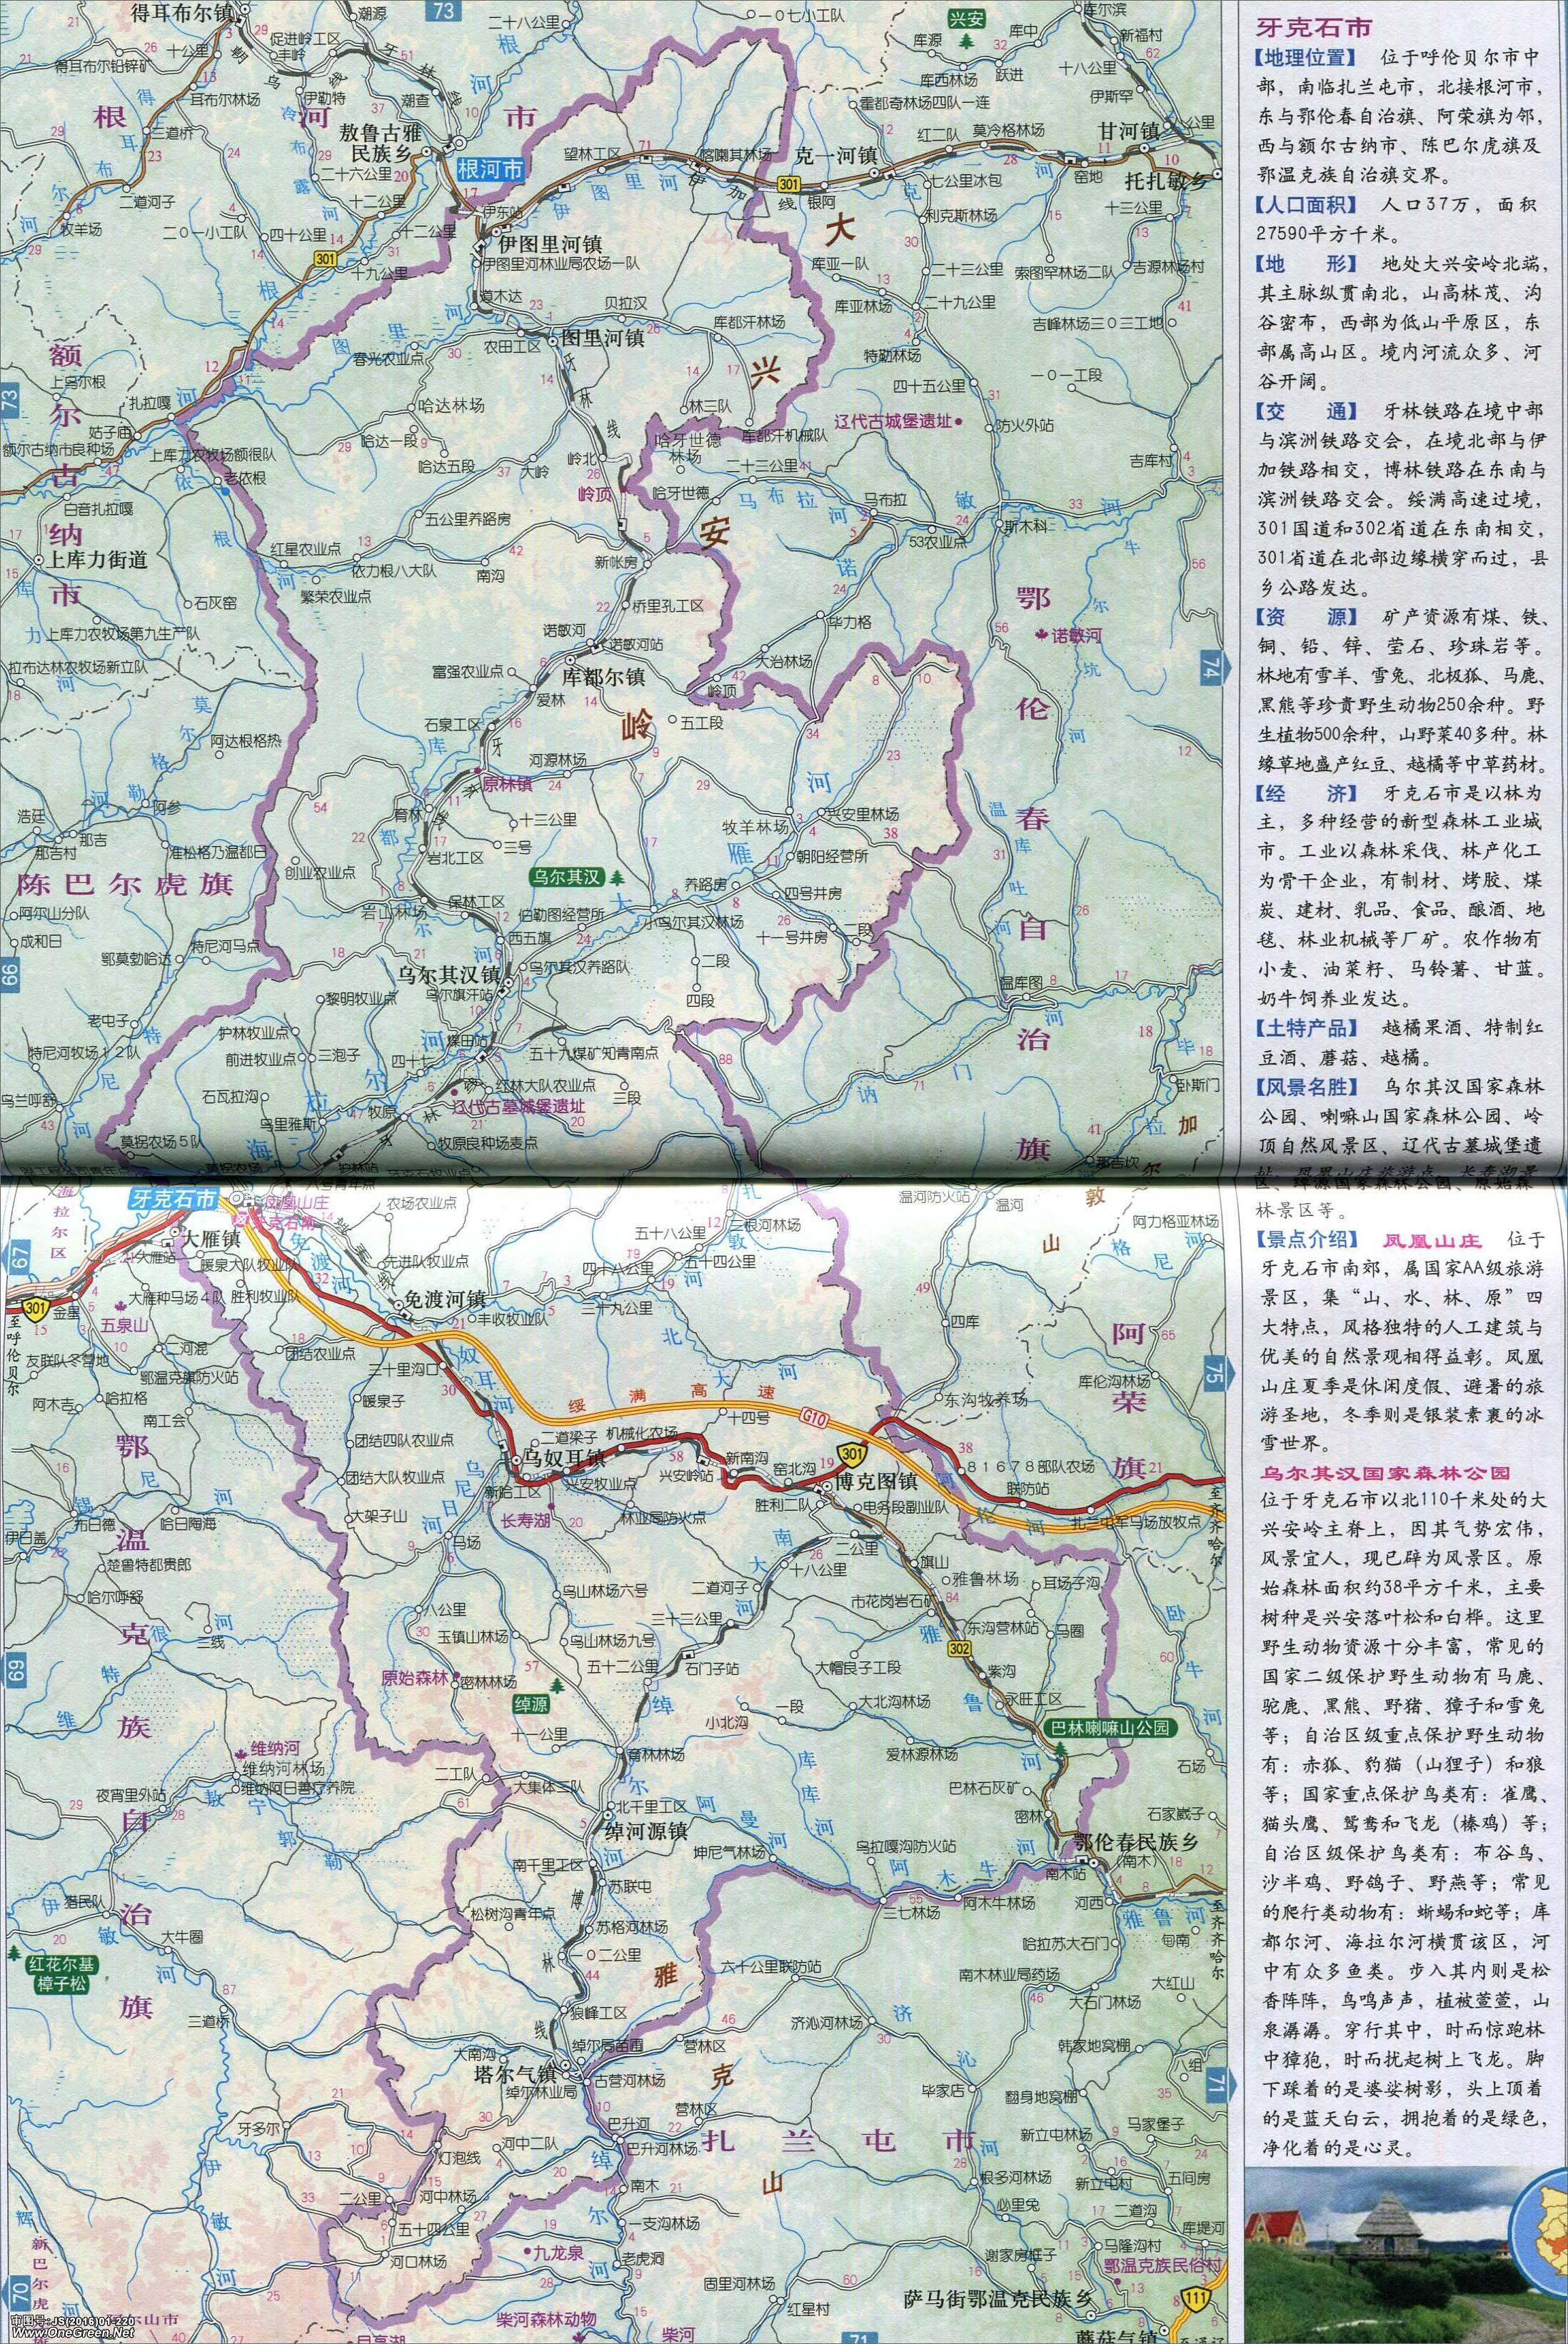 赤峰地图_牙克石市地图_呼伦贝尔地图库_地图窝